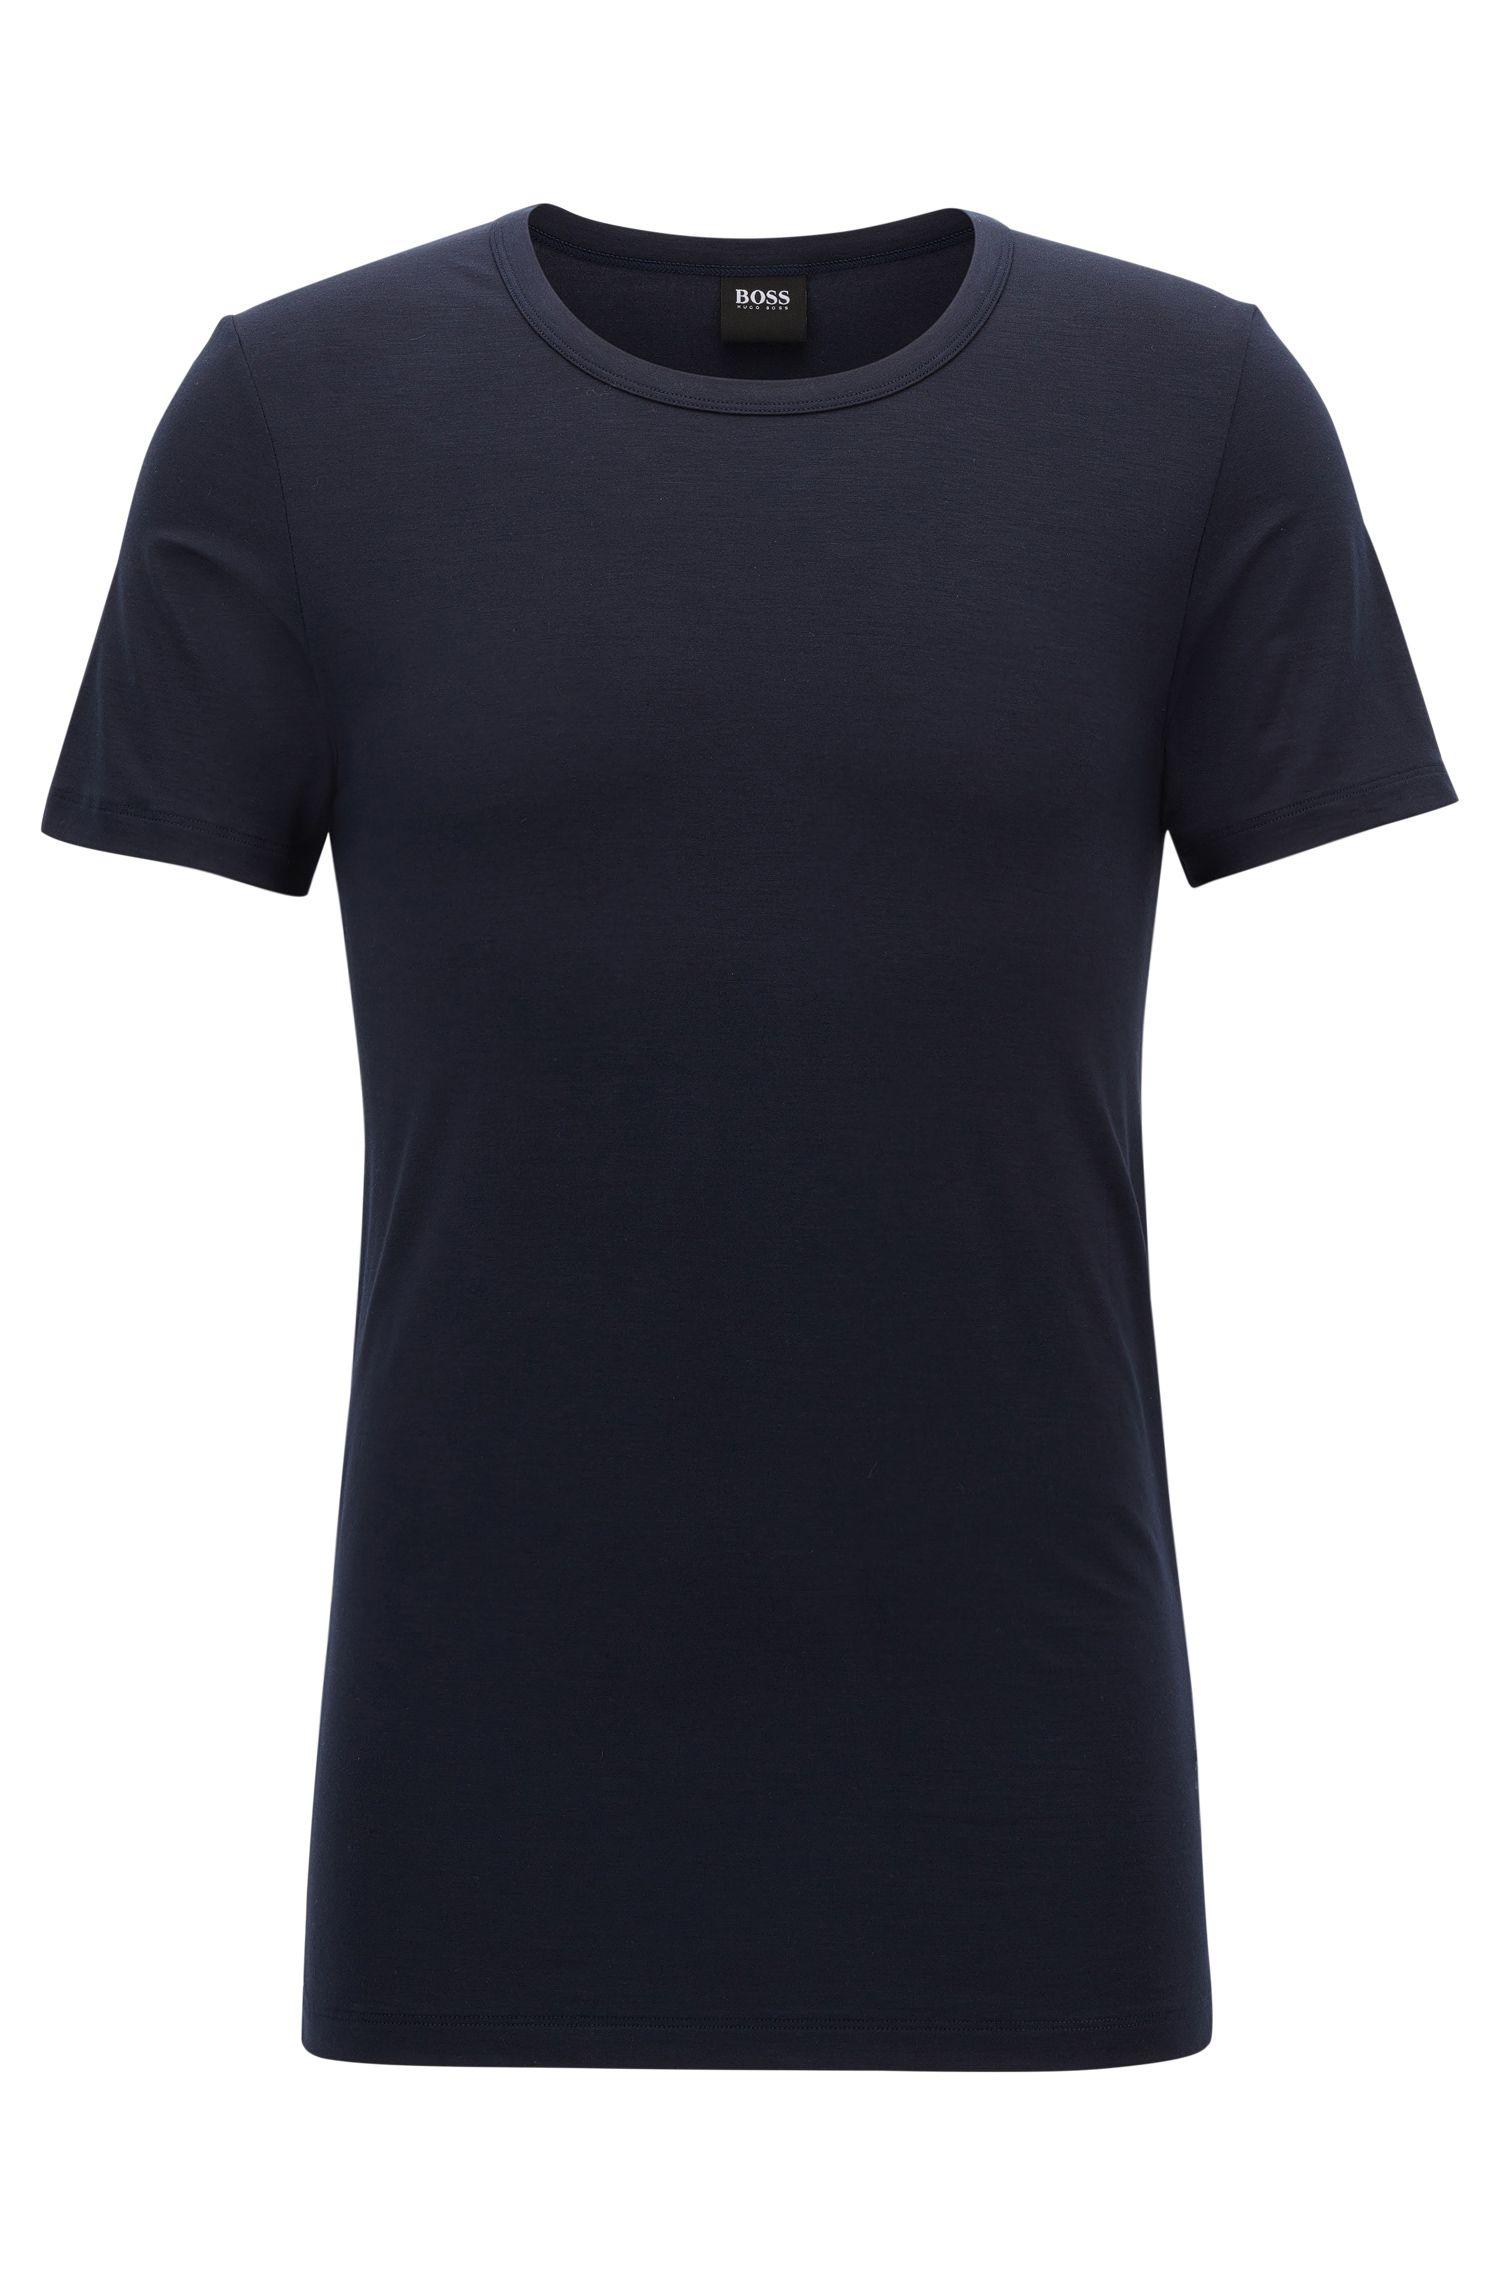 T-shirt met ronde hals, in jersey van een modalmix met stretch